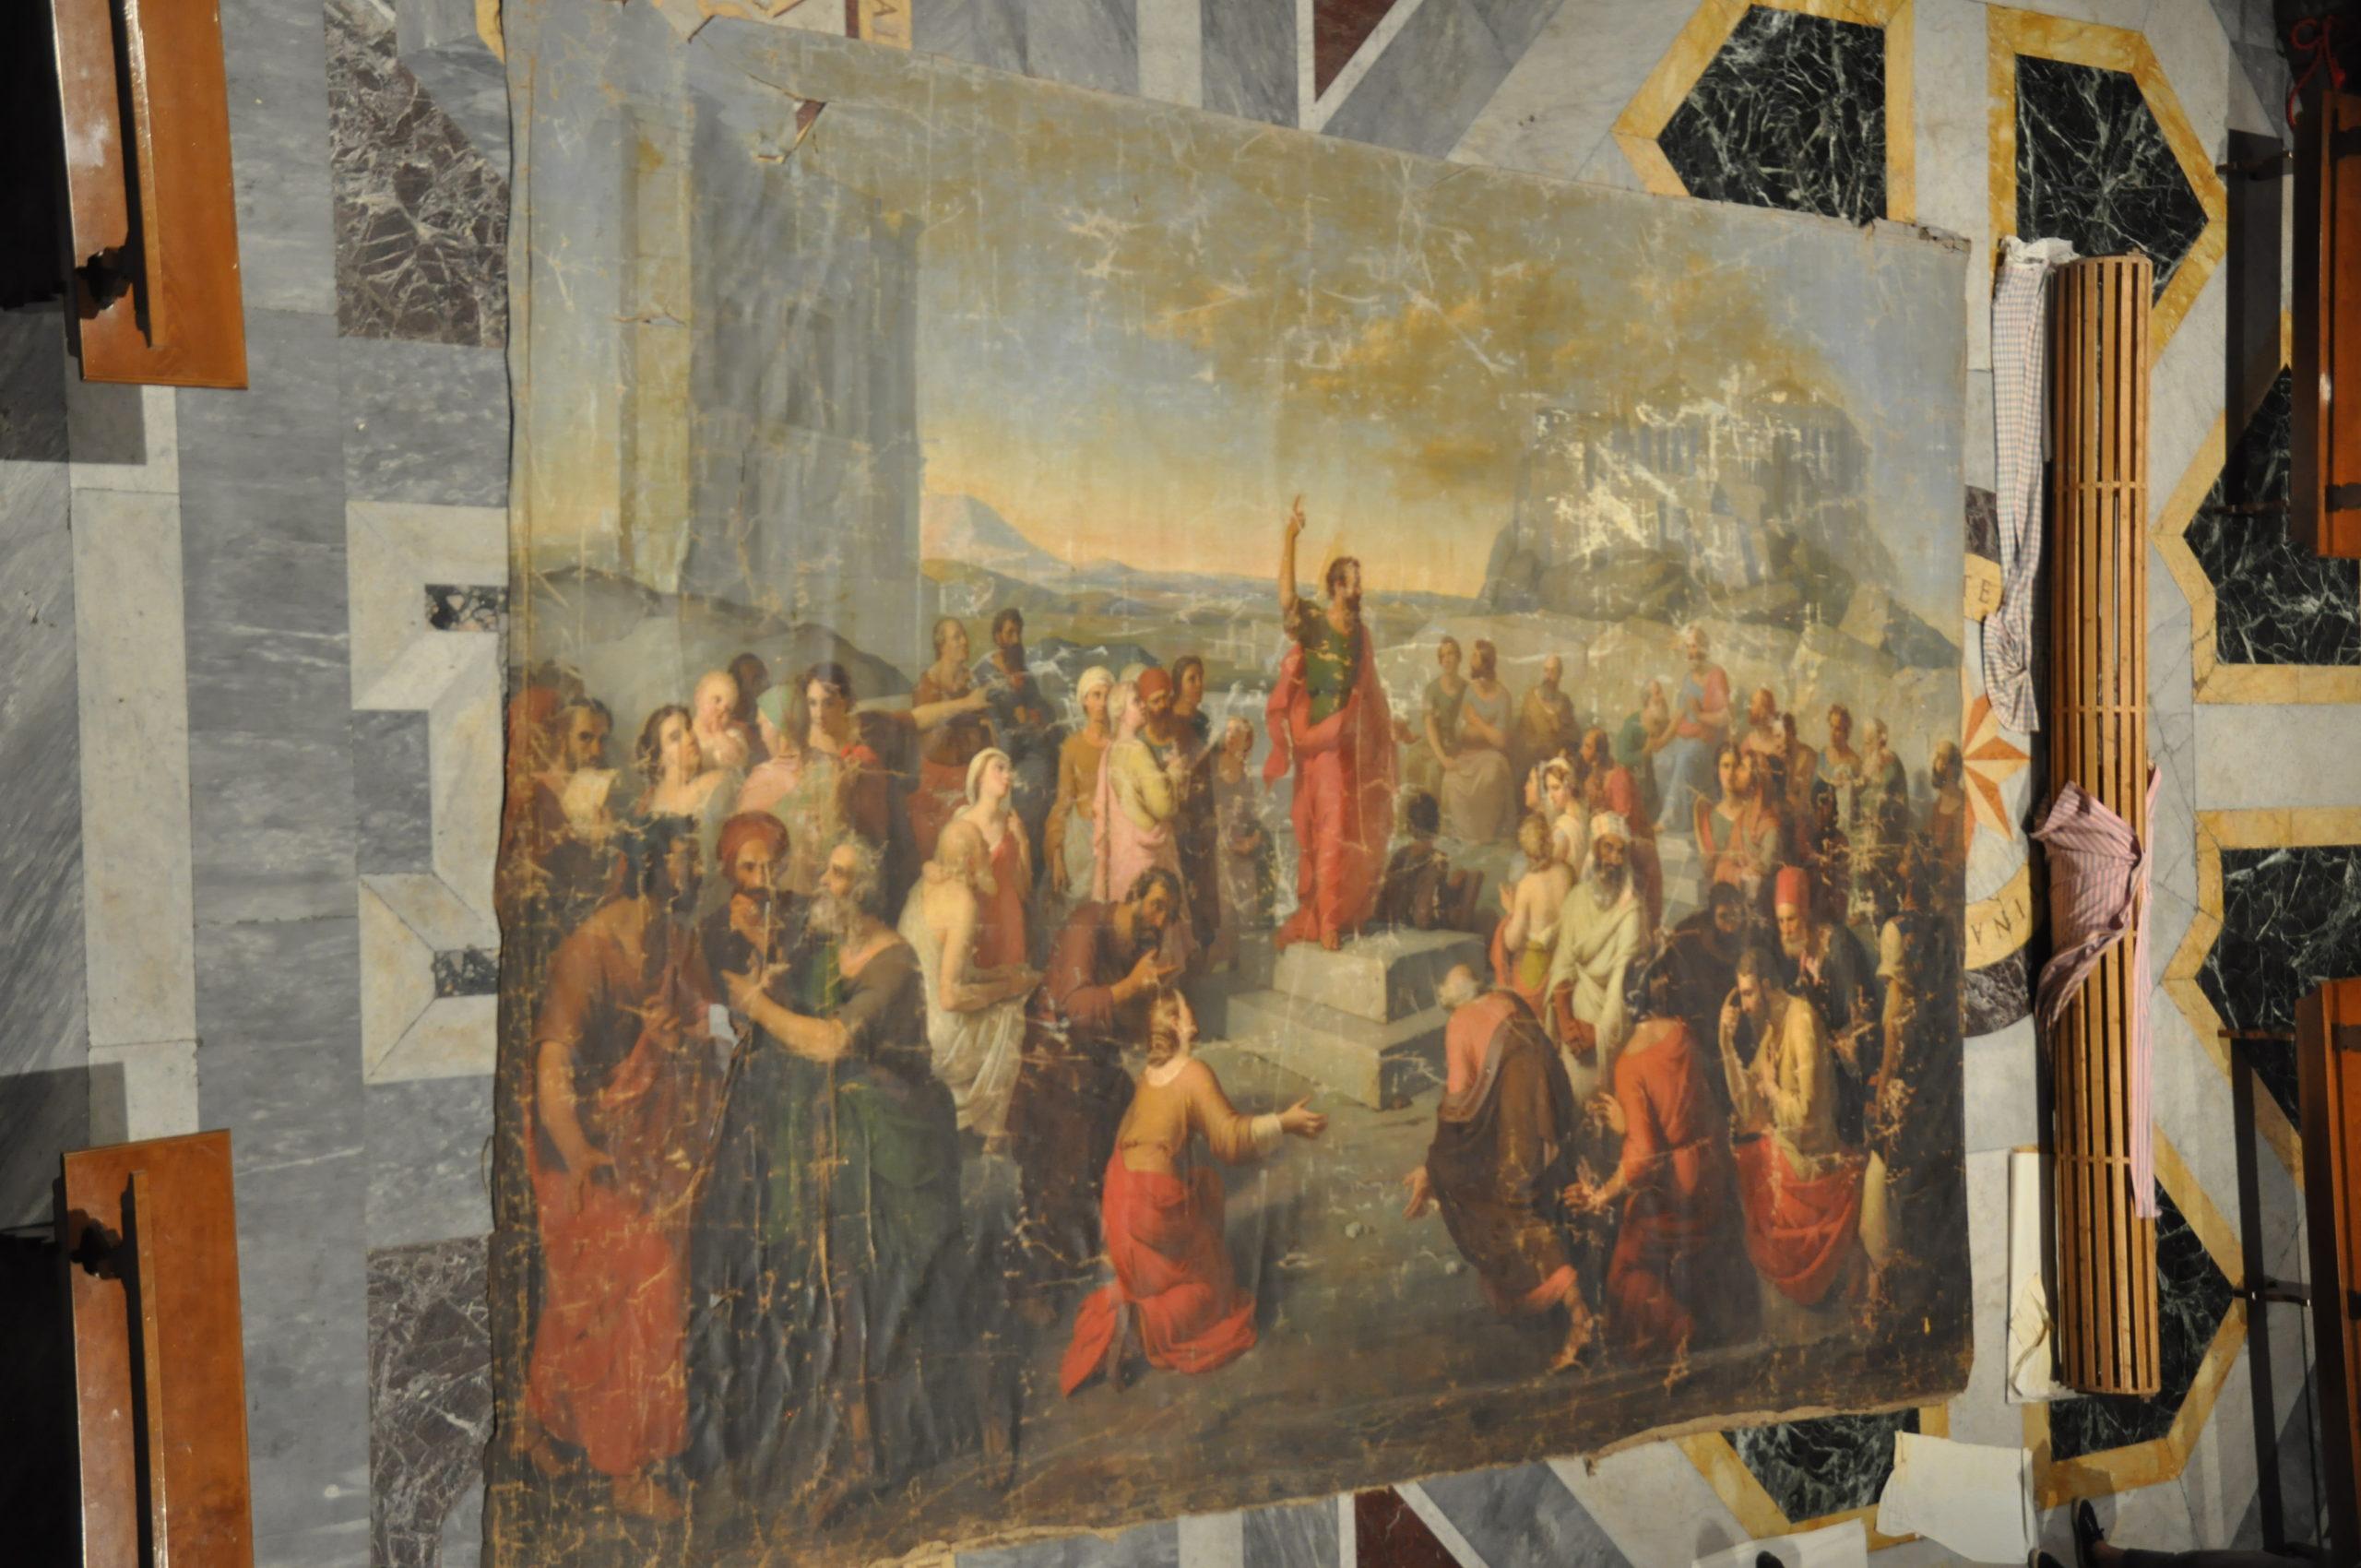 Grande toile du XIXème siècle à Saint-Louis des Français